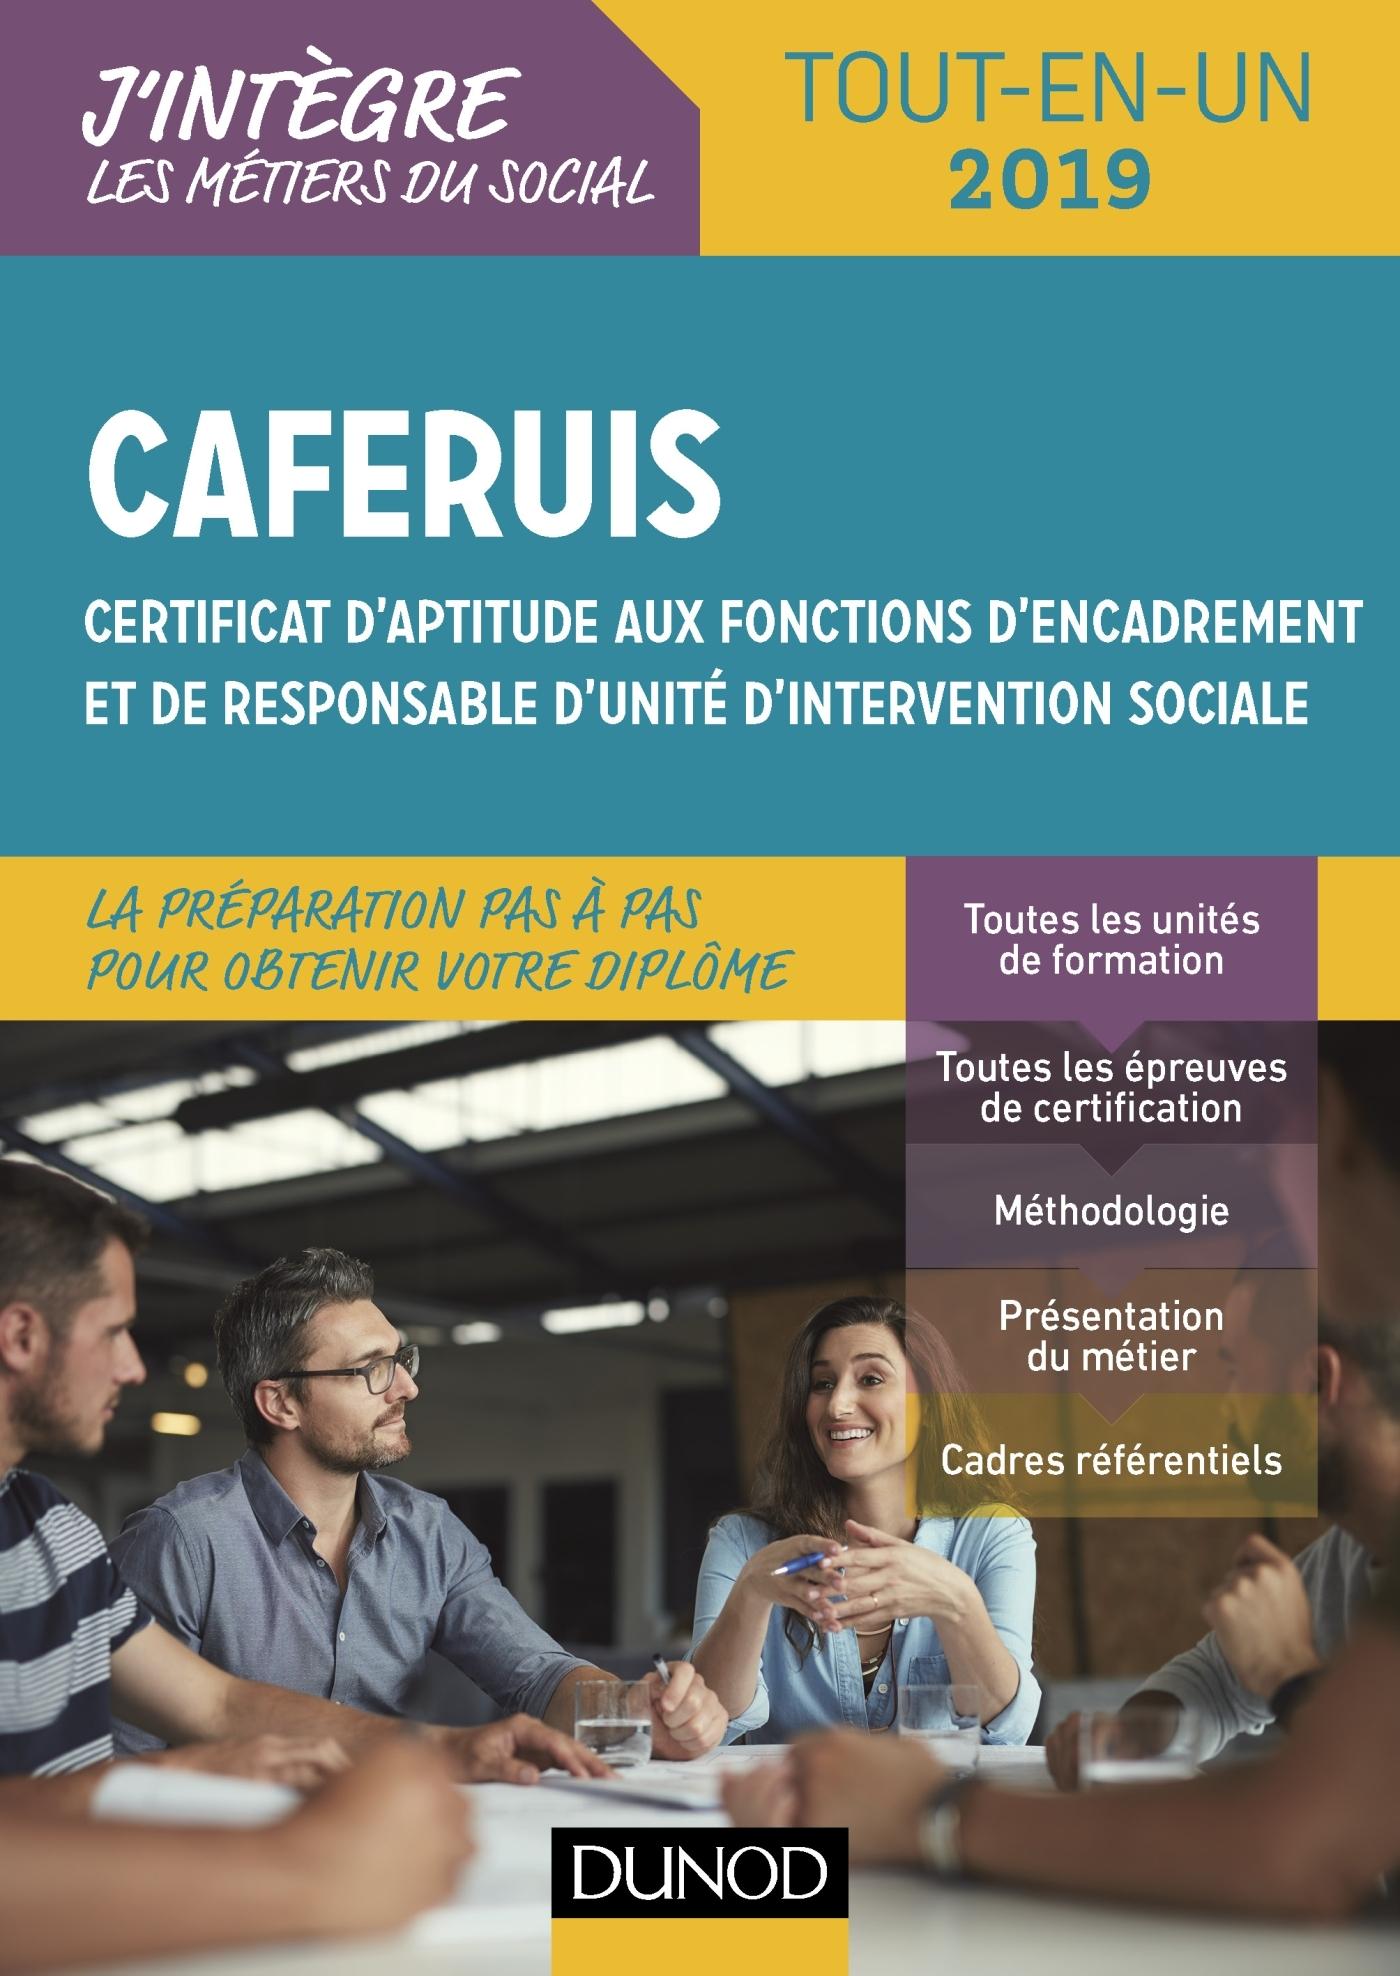 CAFERUIS 2019 - TOUT-EN-UN - CERTIFICAT D'APTITUDE AUX FONCTIONS D'ENCADREMENT ET DE RESPONSABLE D'U